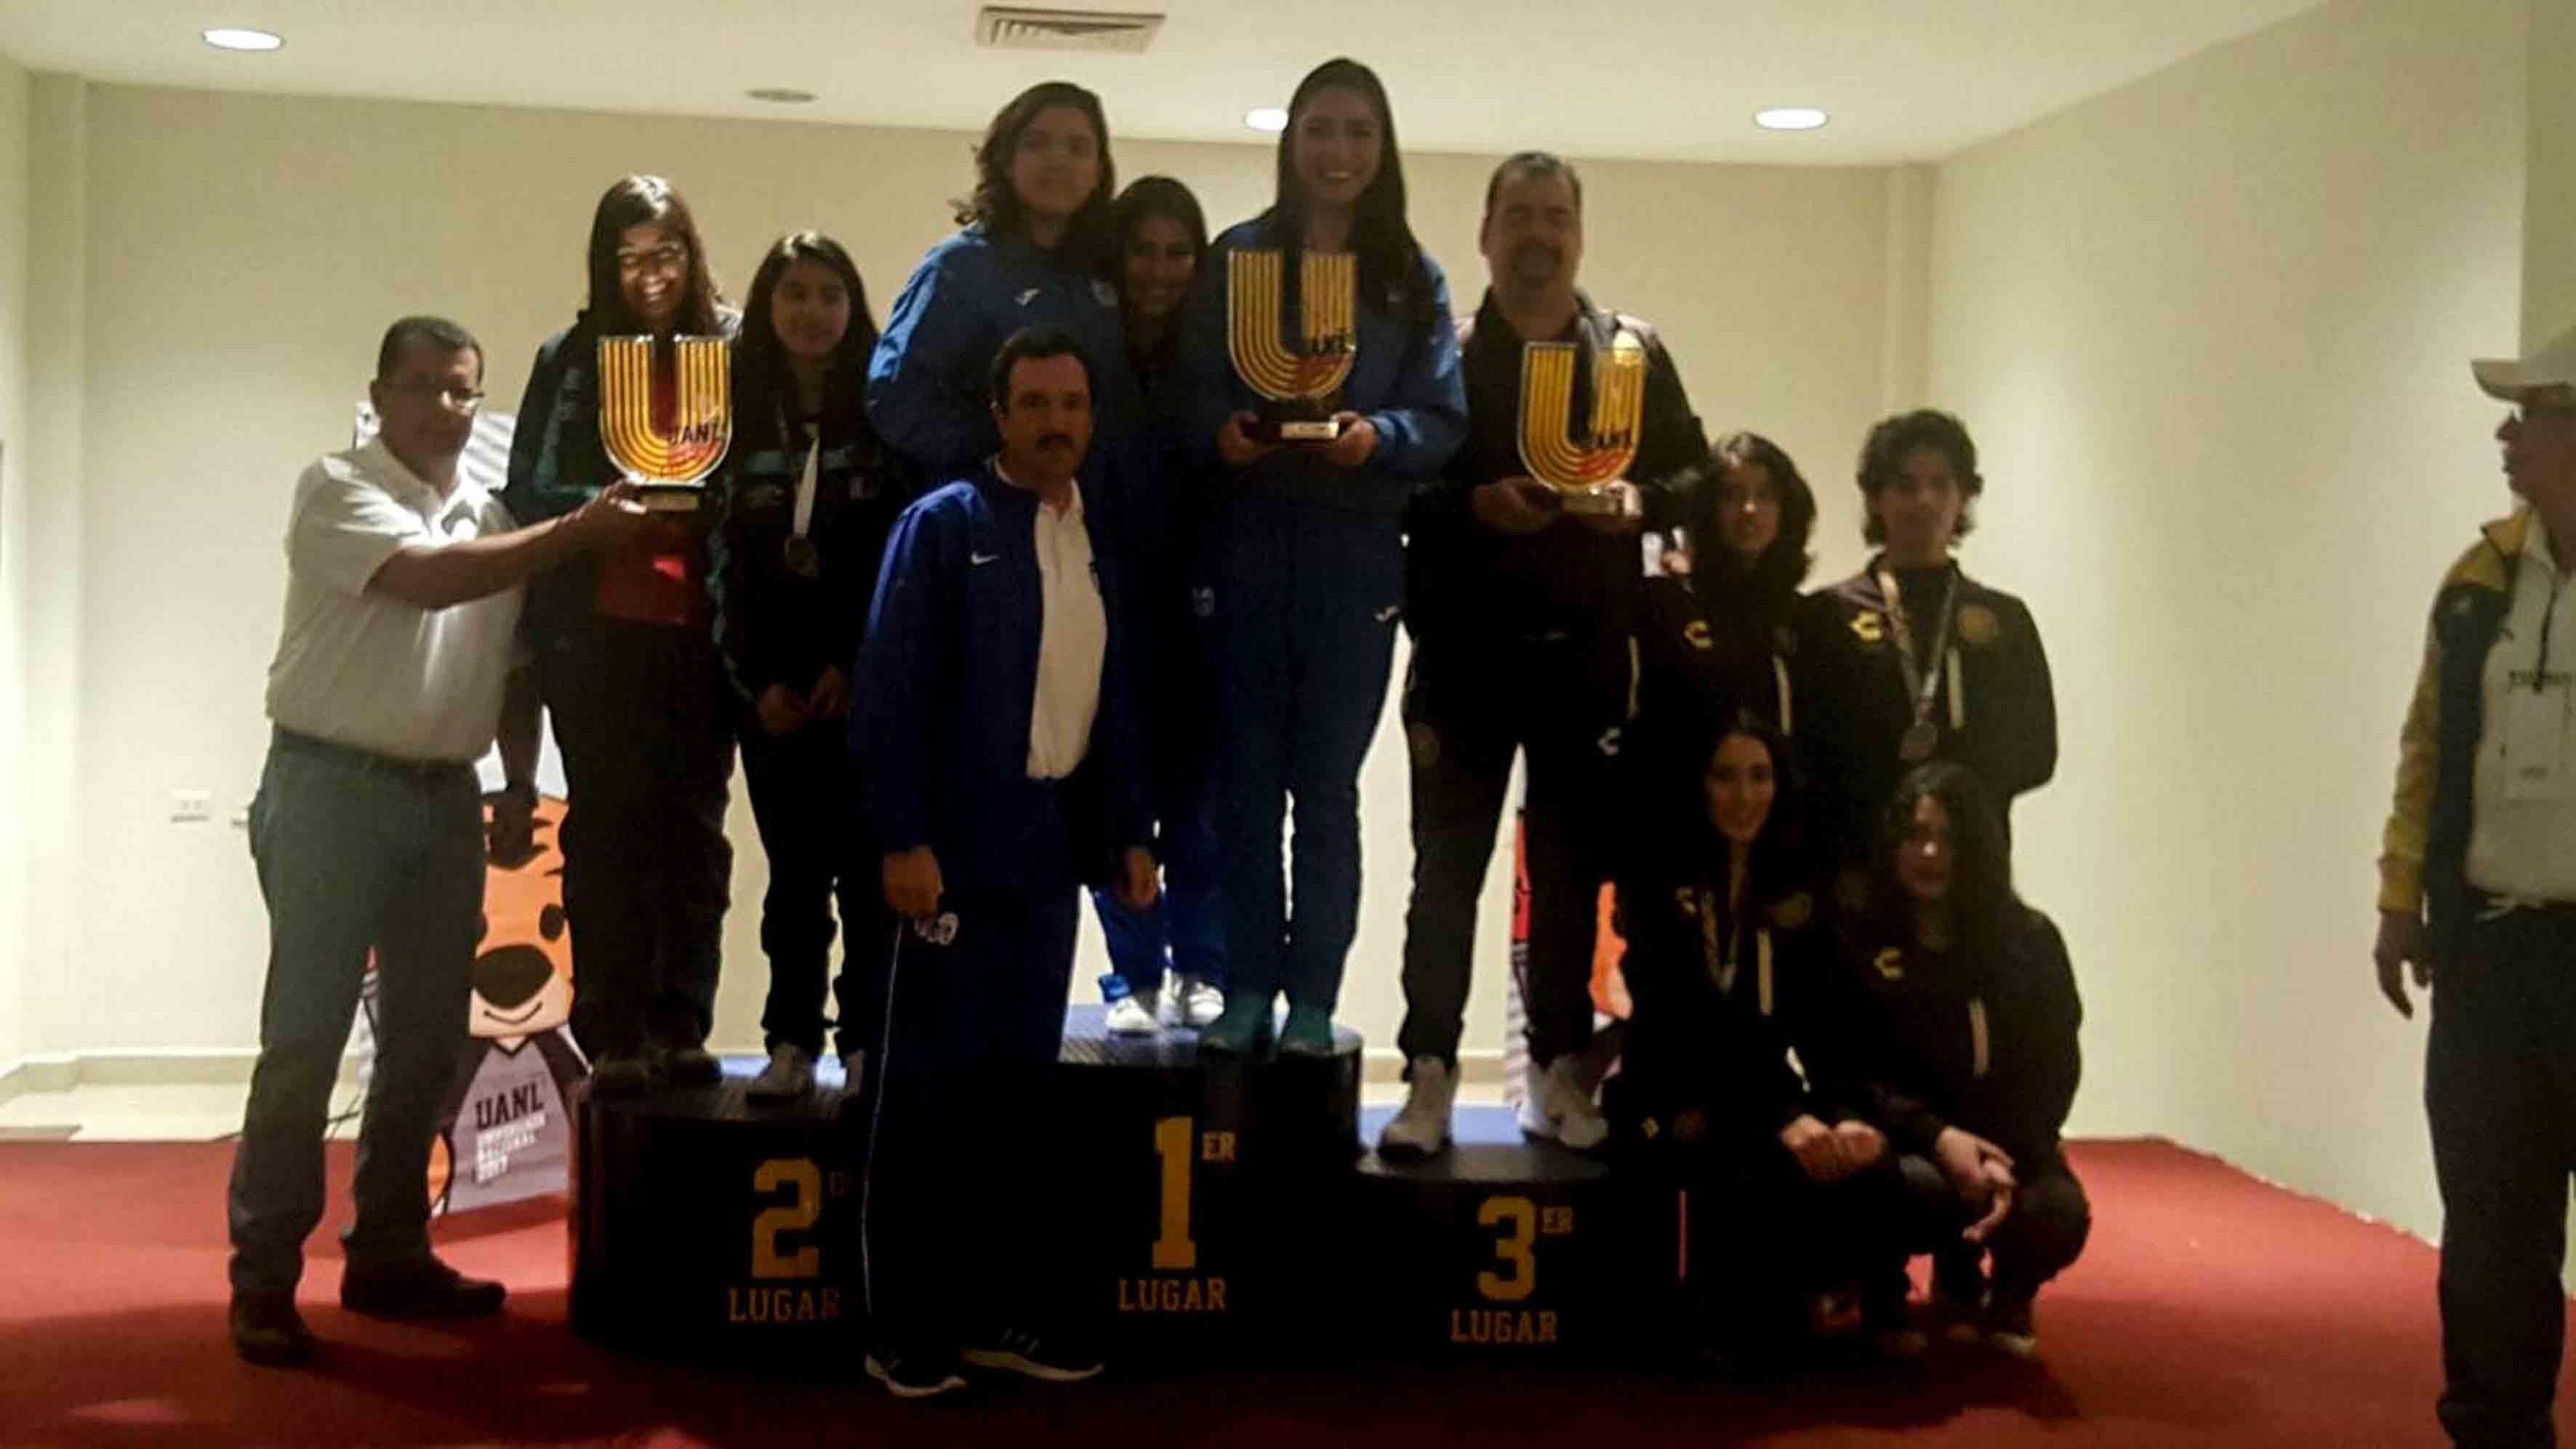 Miriam Parkhurts, alumna del Centro Universitario de Ciencias Económico Administrativas (CUCEA), participando en la ceremonia de premiación, por su segundo lugar en la disciplina de ajedrez clásico, durante la Universiada Nacional 2017.